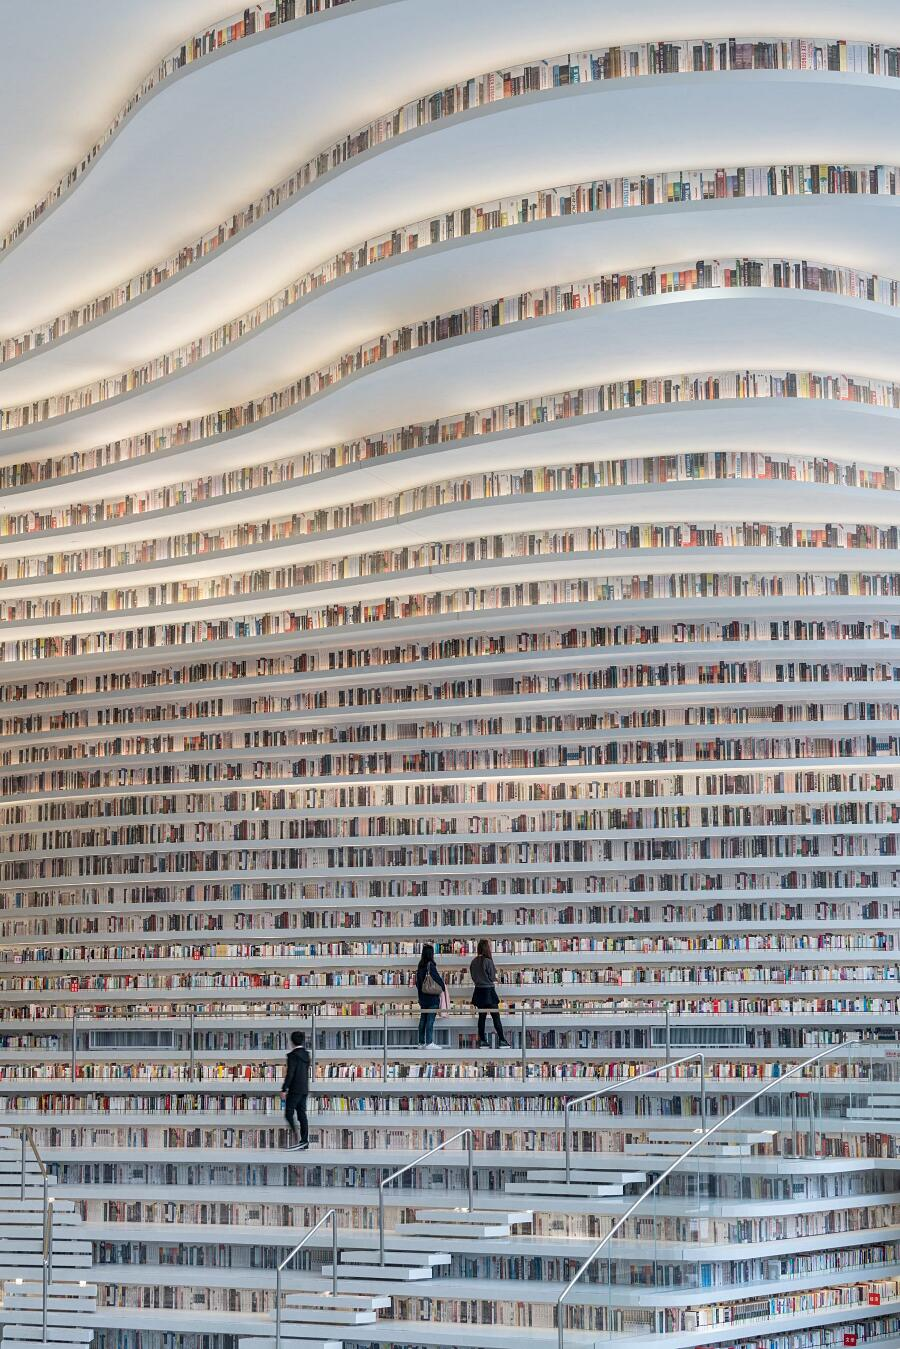 Biblioteca Futuristica Cina MVRDV